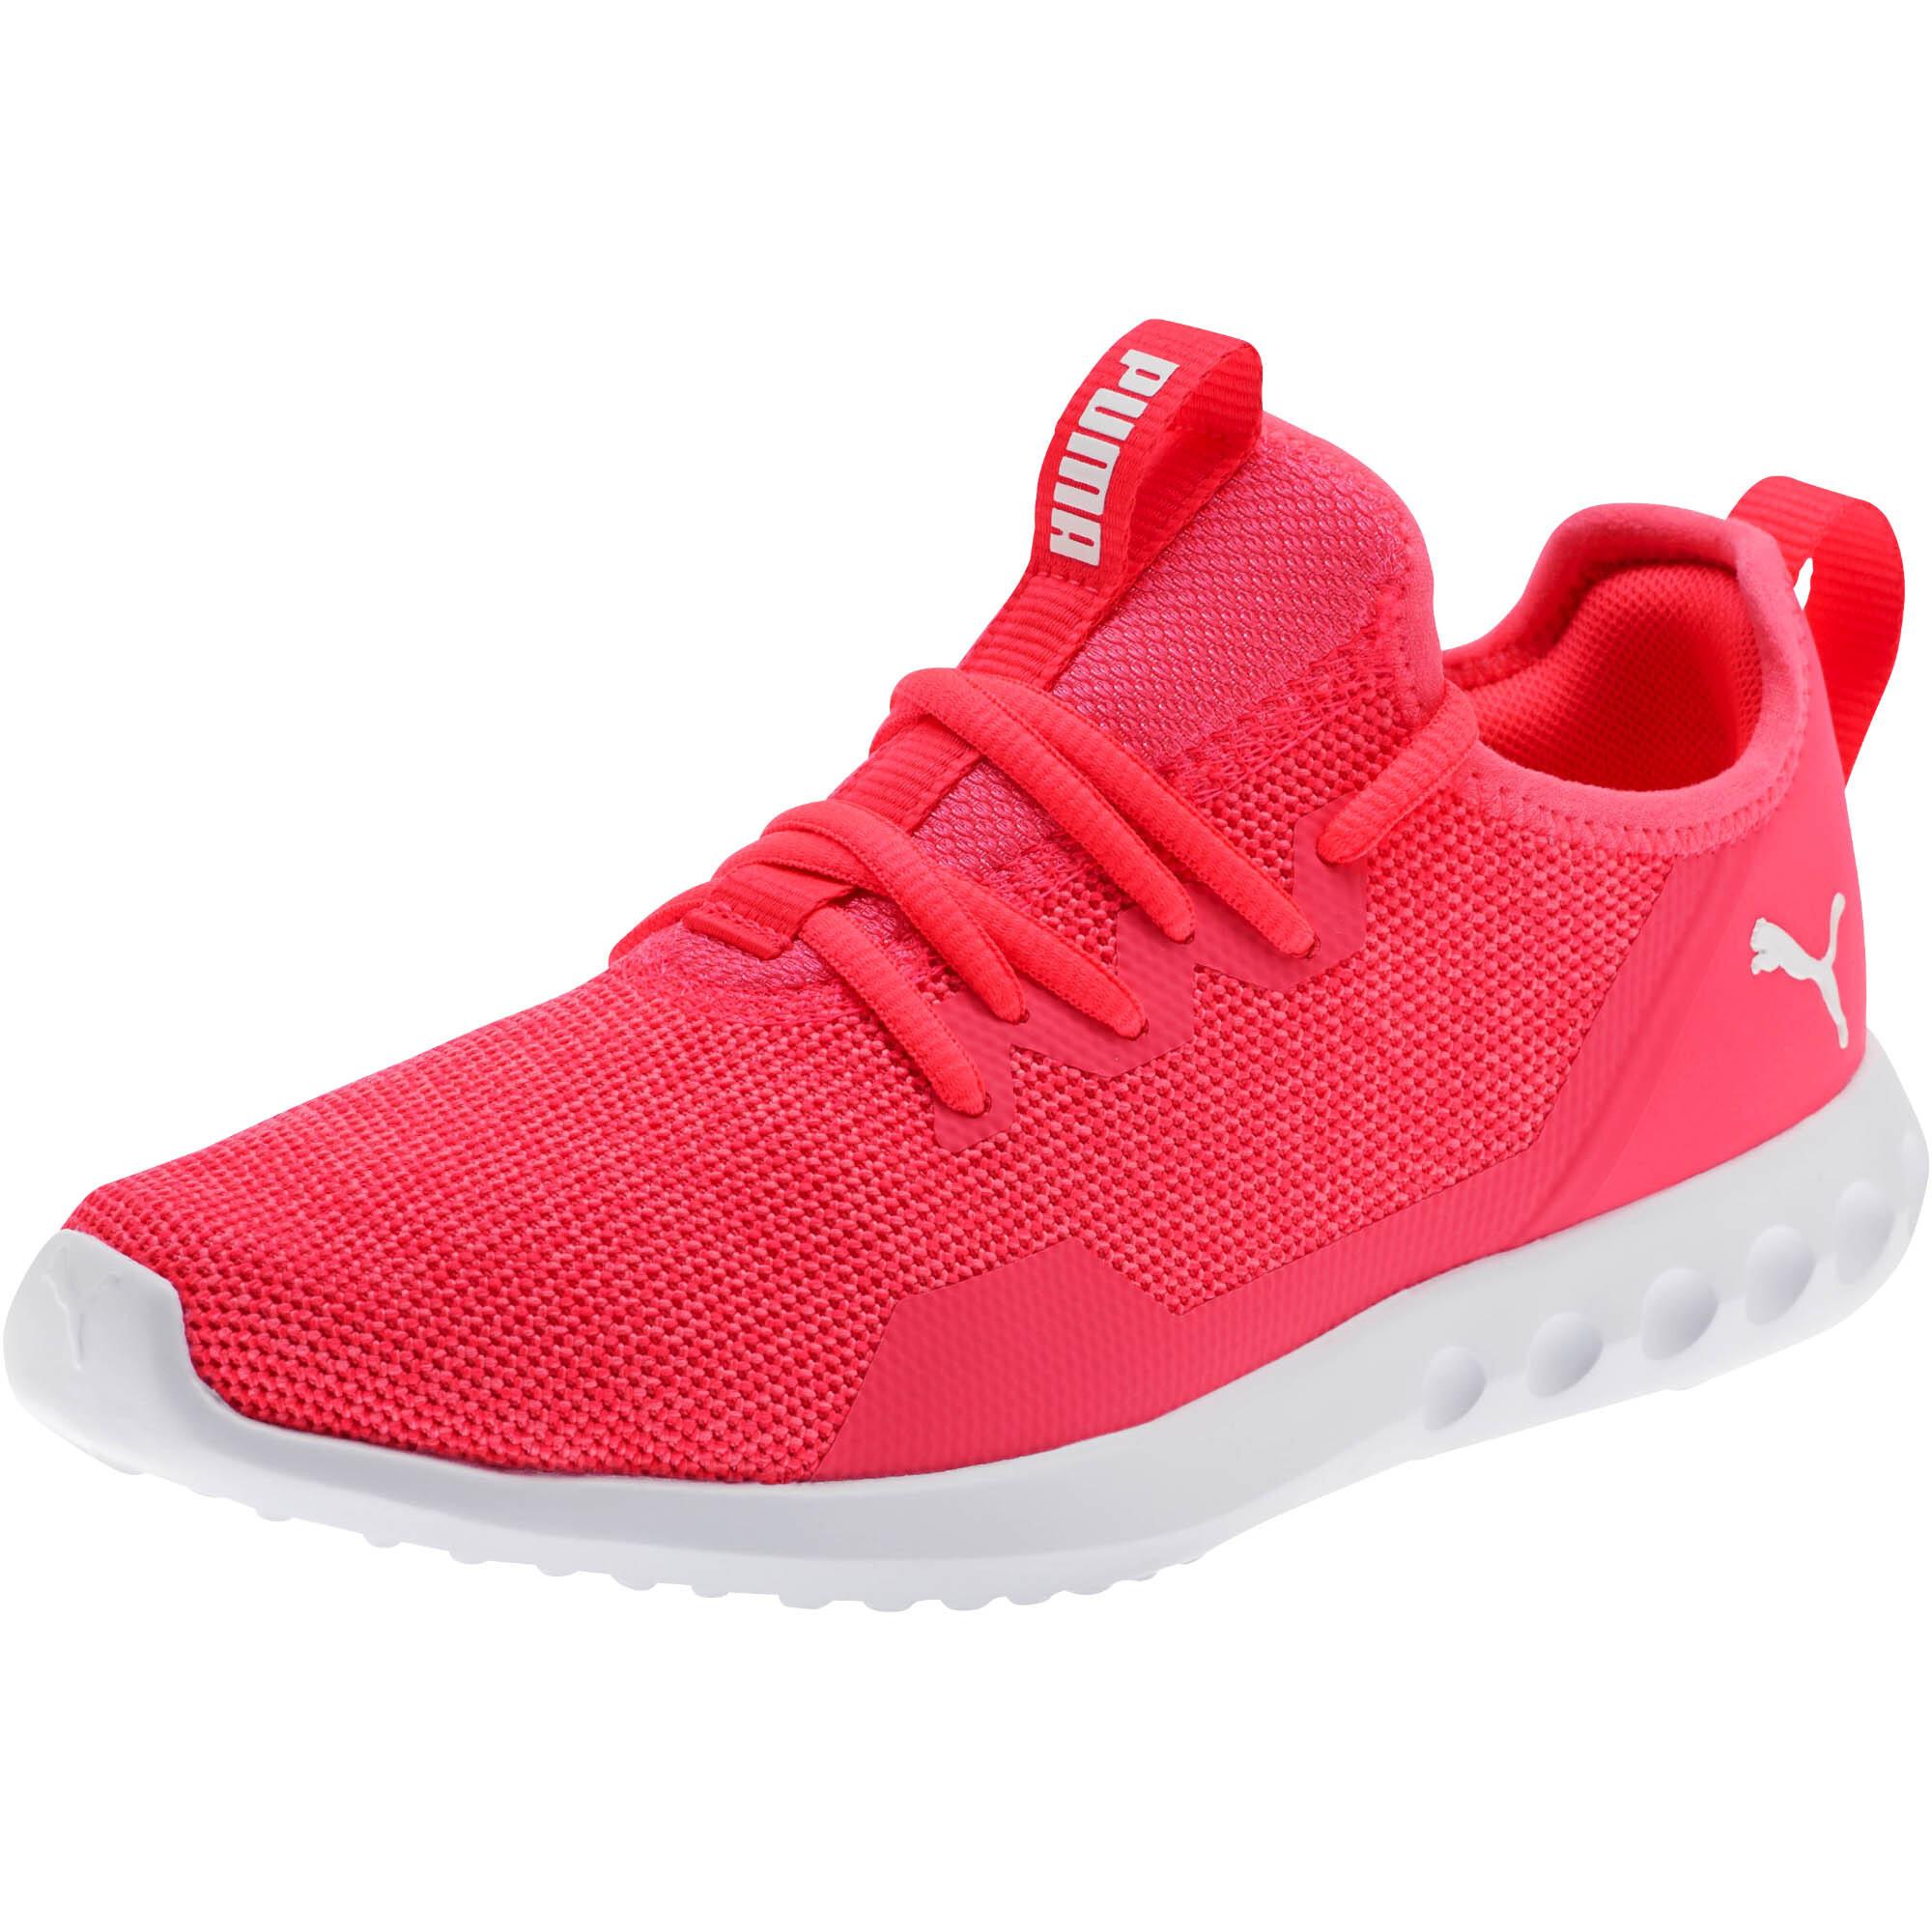 PUMA-Carson-2-X-Knit-Women-s-Running-Shoes-Women-Shoe-Running thumbnail 16